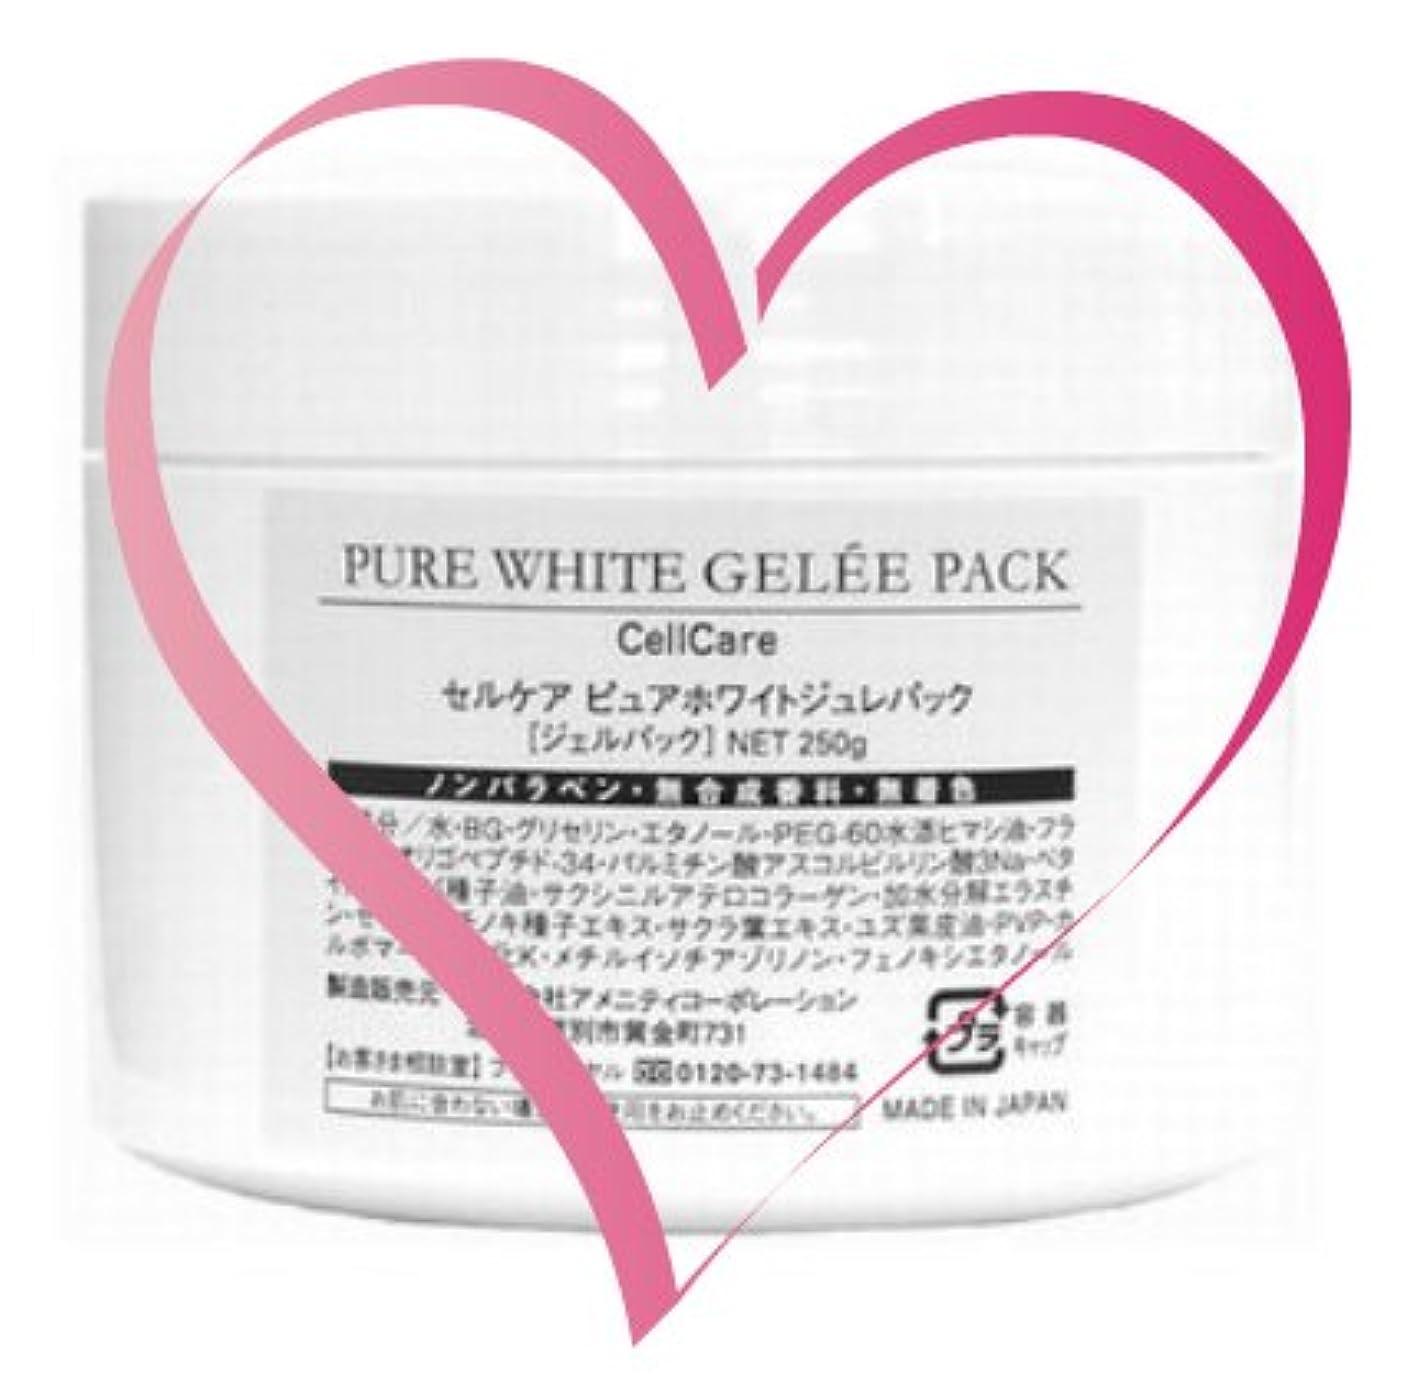 贈り物項目のりセルケア ピュアホワイトジュレパック 業務用250gお徳用3個セット